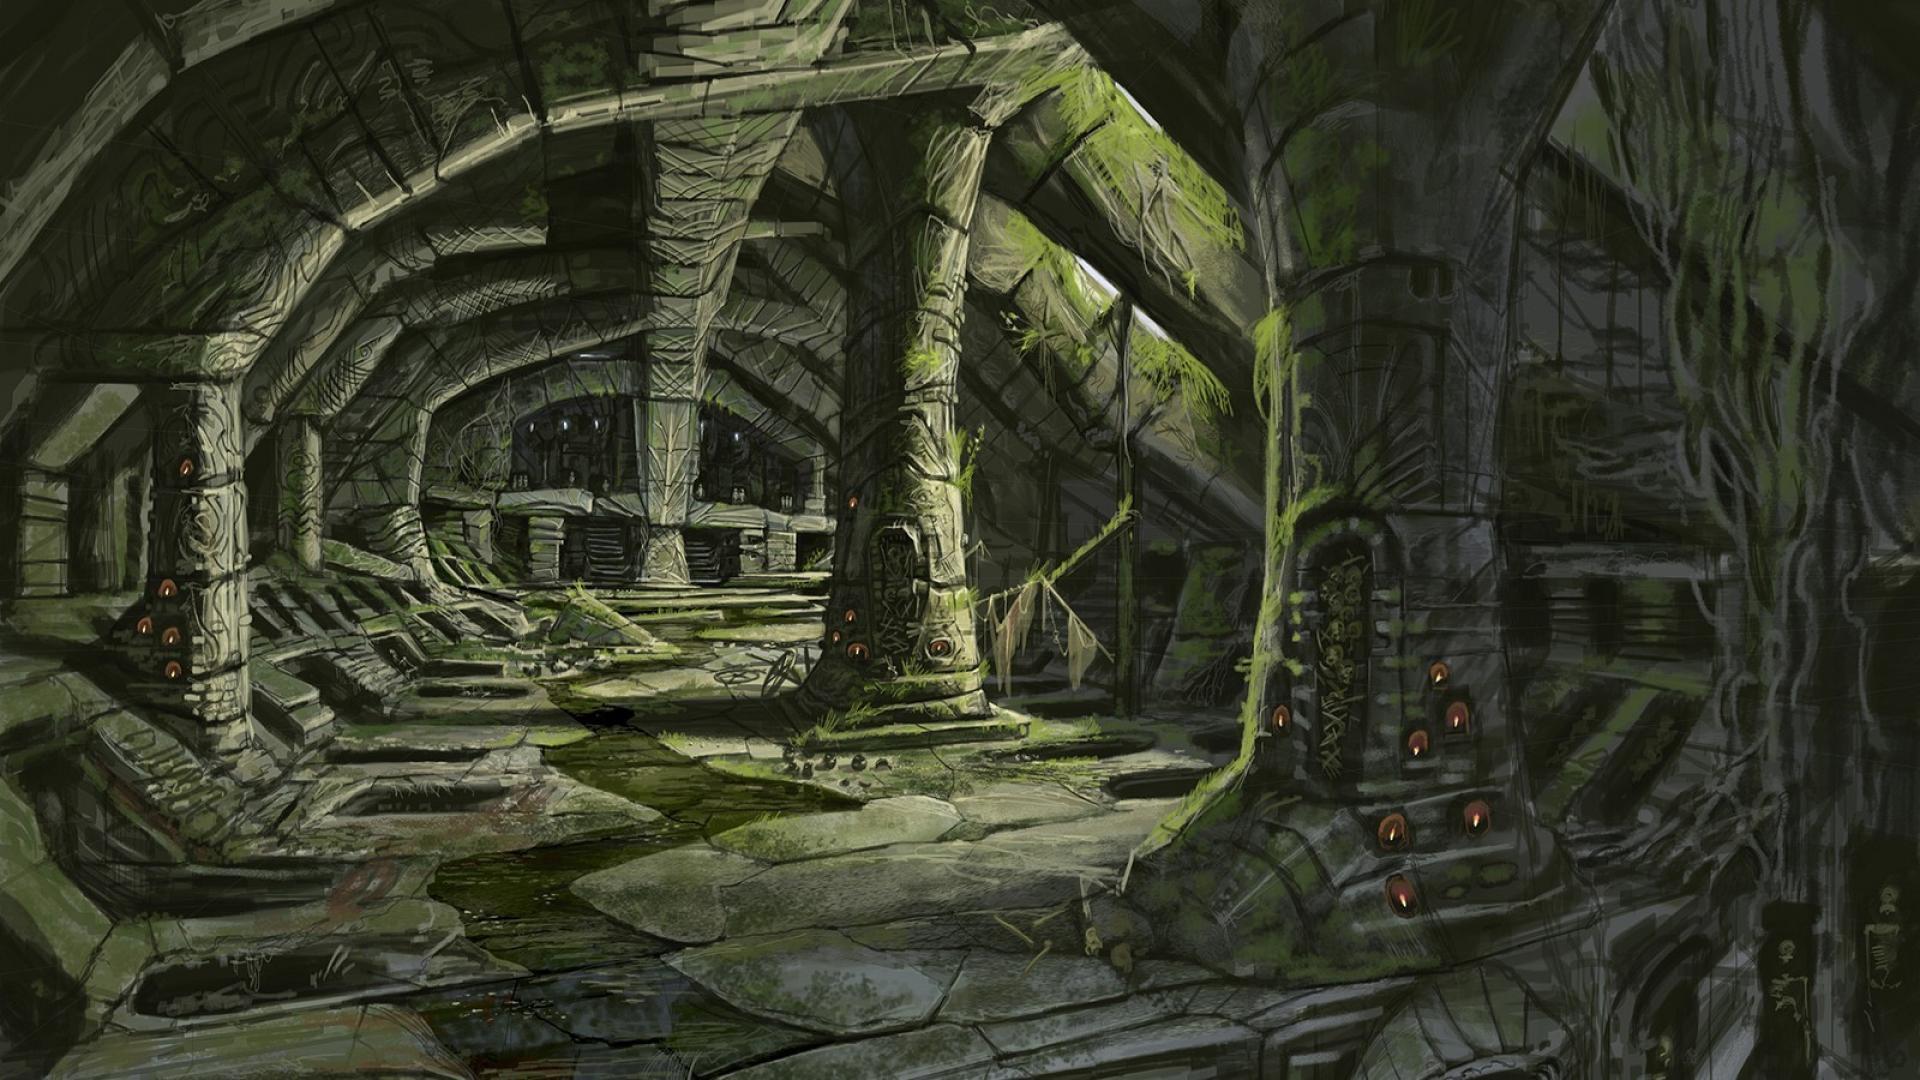 Skyrim Art Wallpapers Wallpaper Cave